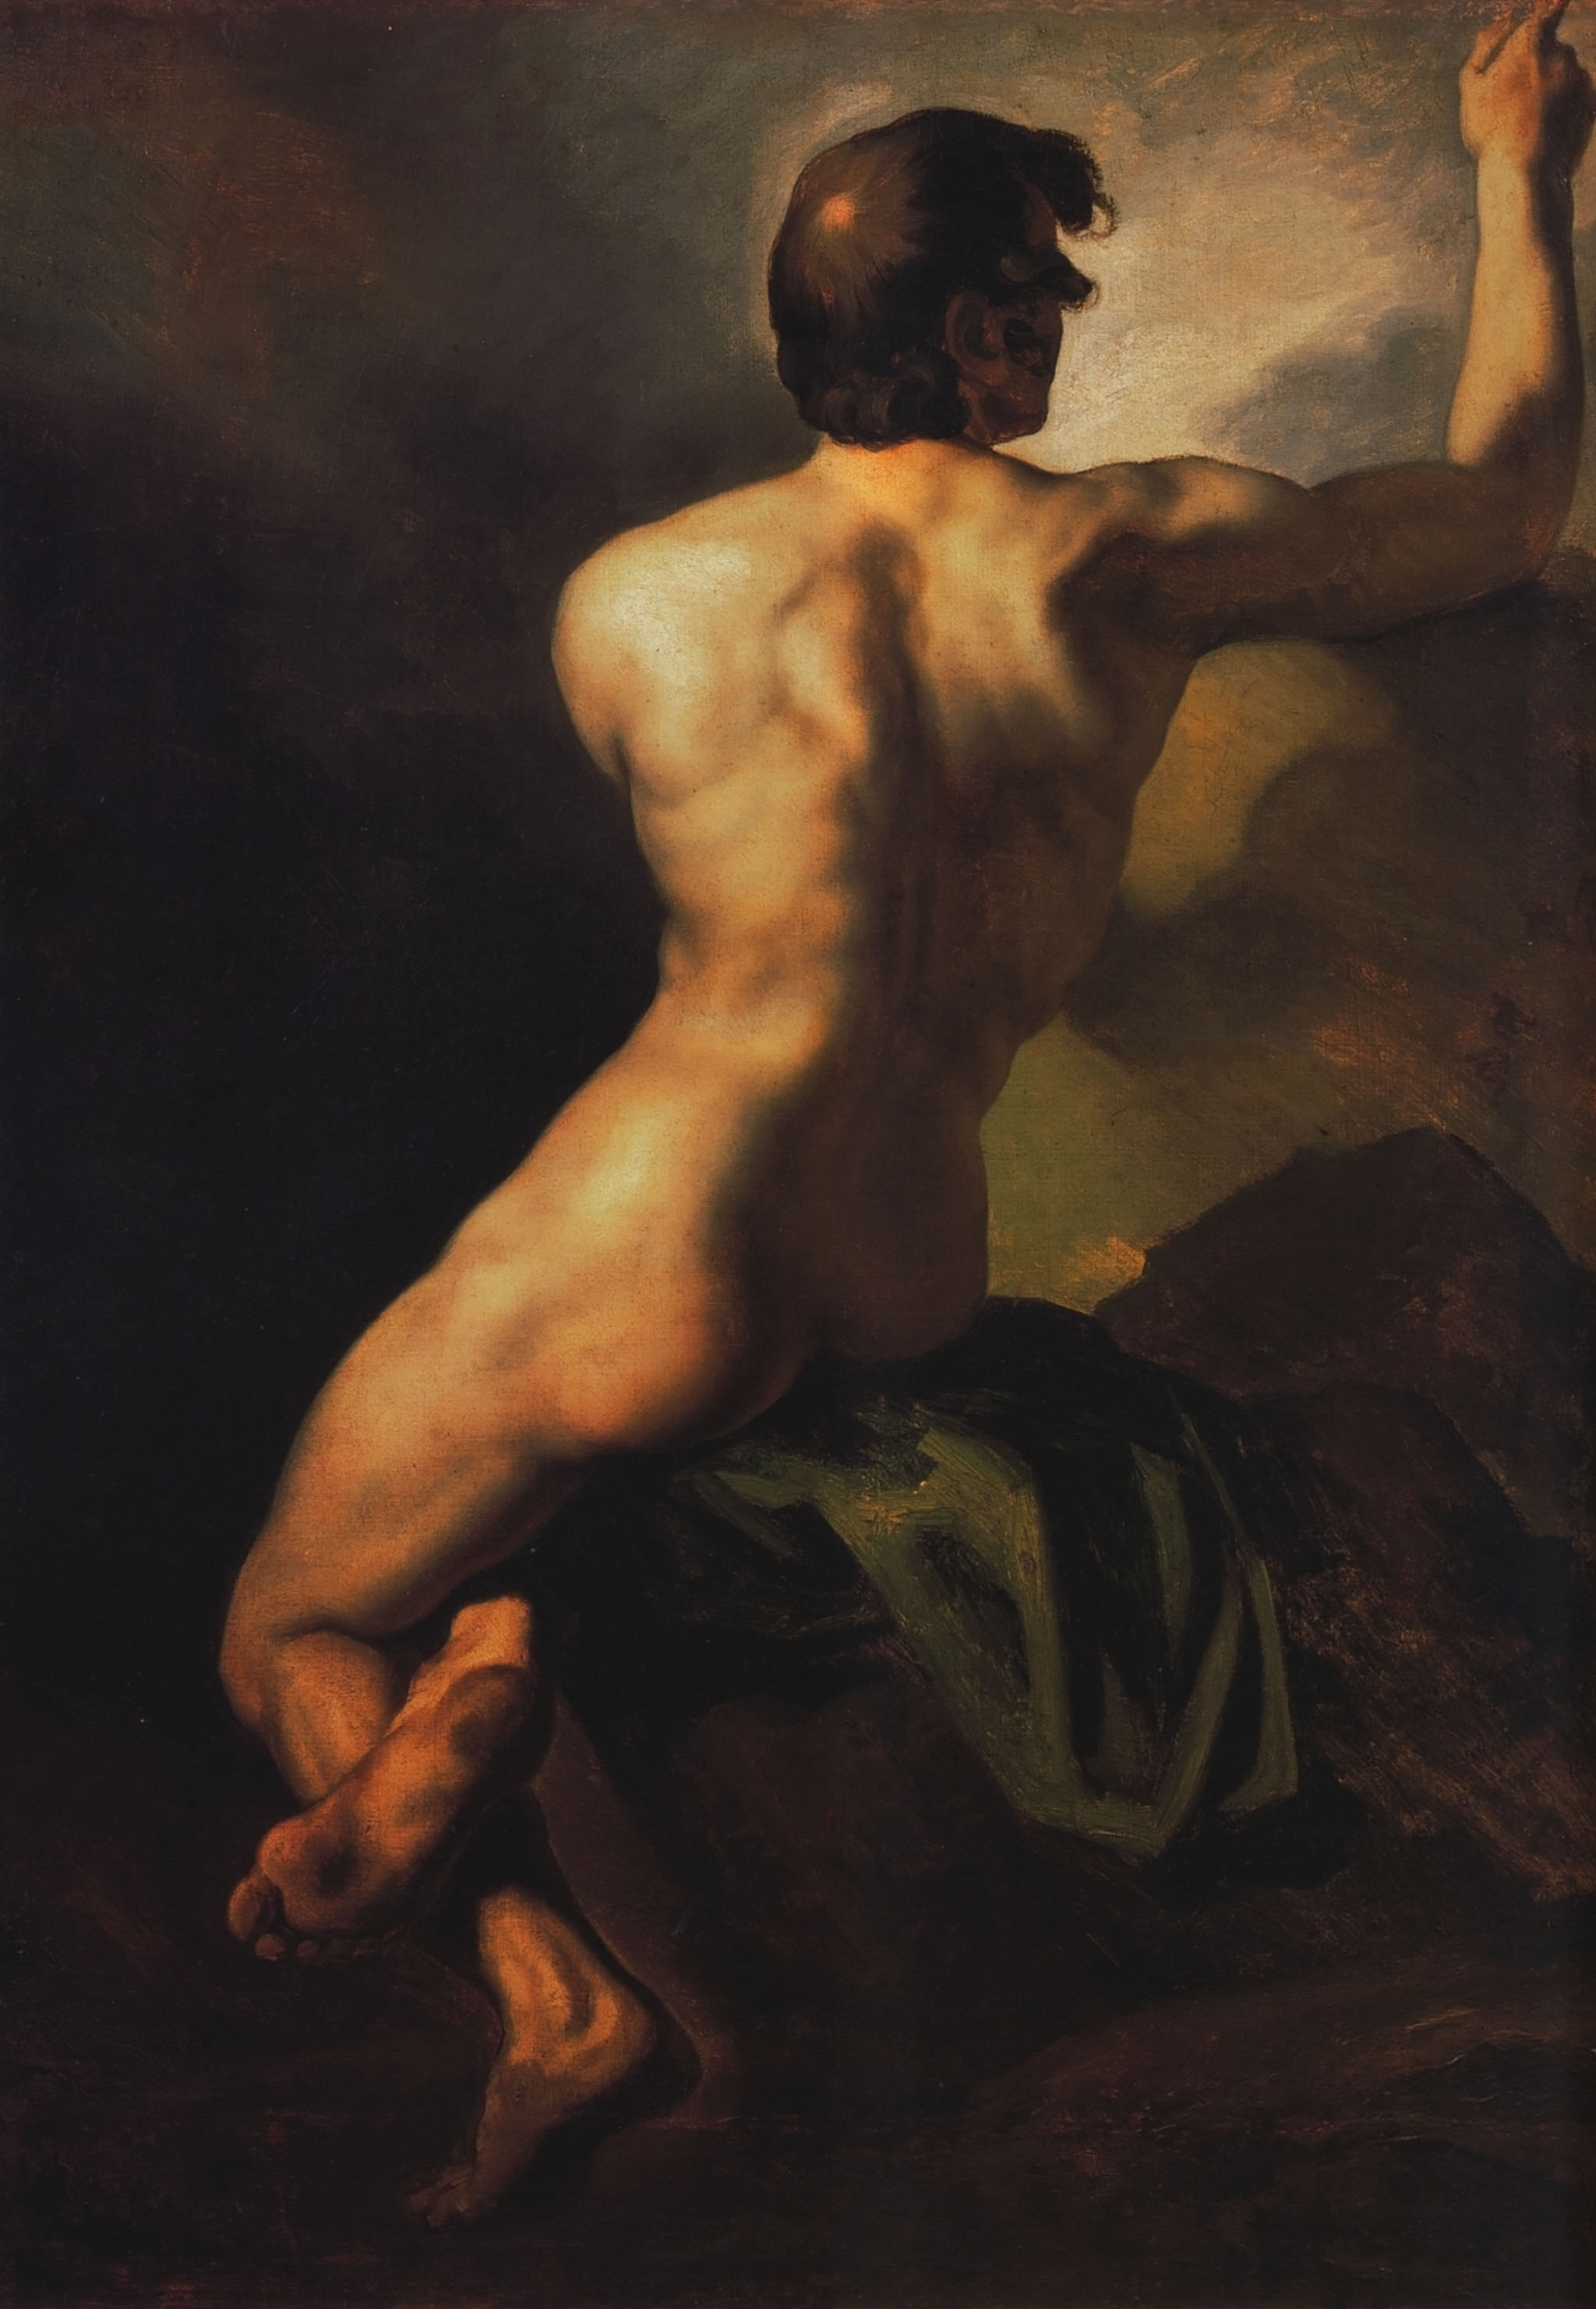 Teodor Žeriko 1318168805_1812-1816-gricault-acadmie-dhomme-assis-vue-de-dos-huile-sur-toile-895x64-cm-bruxelles-muses-royaux-des-beaux-arts